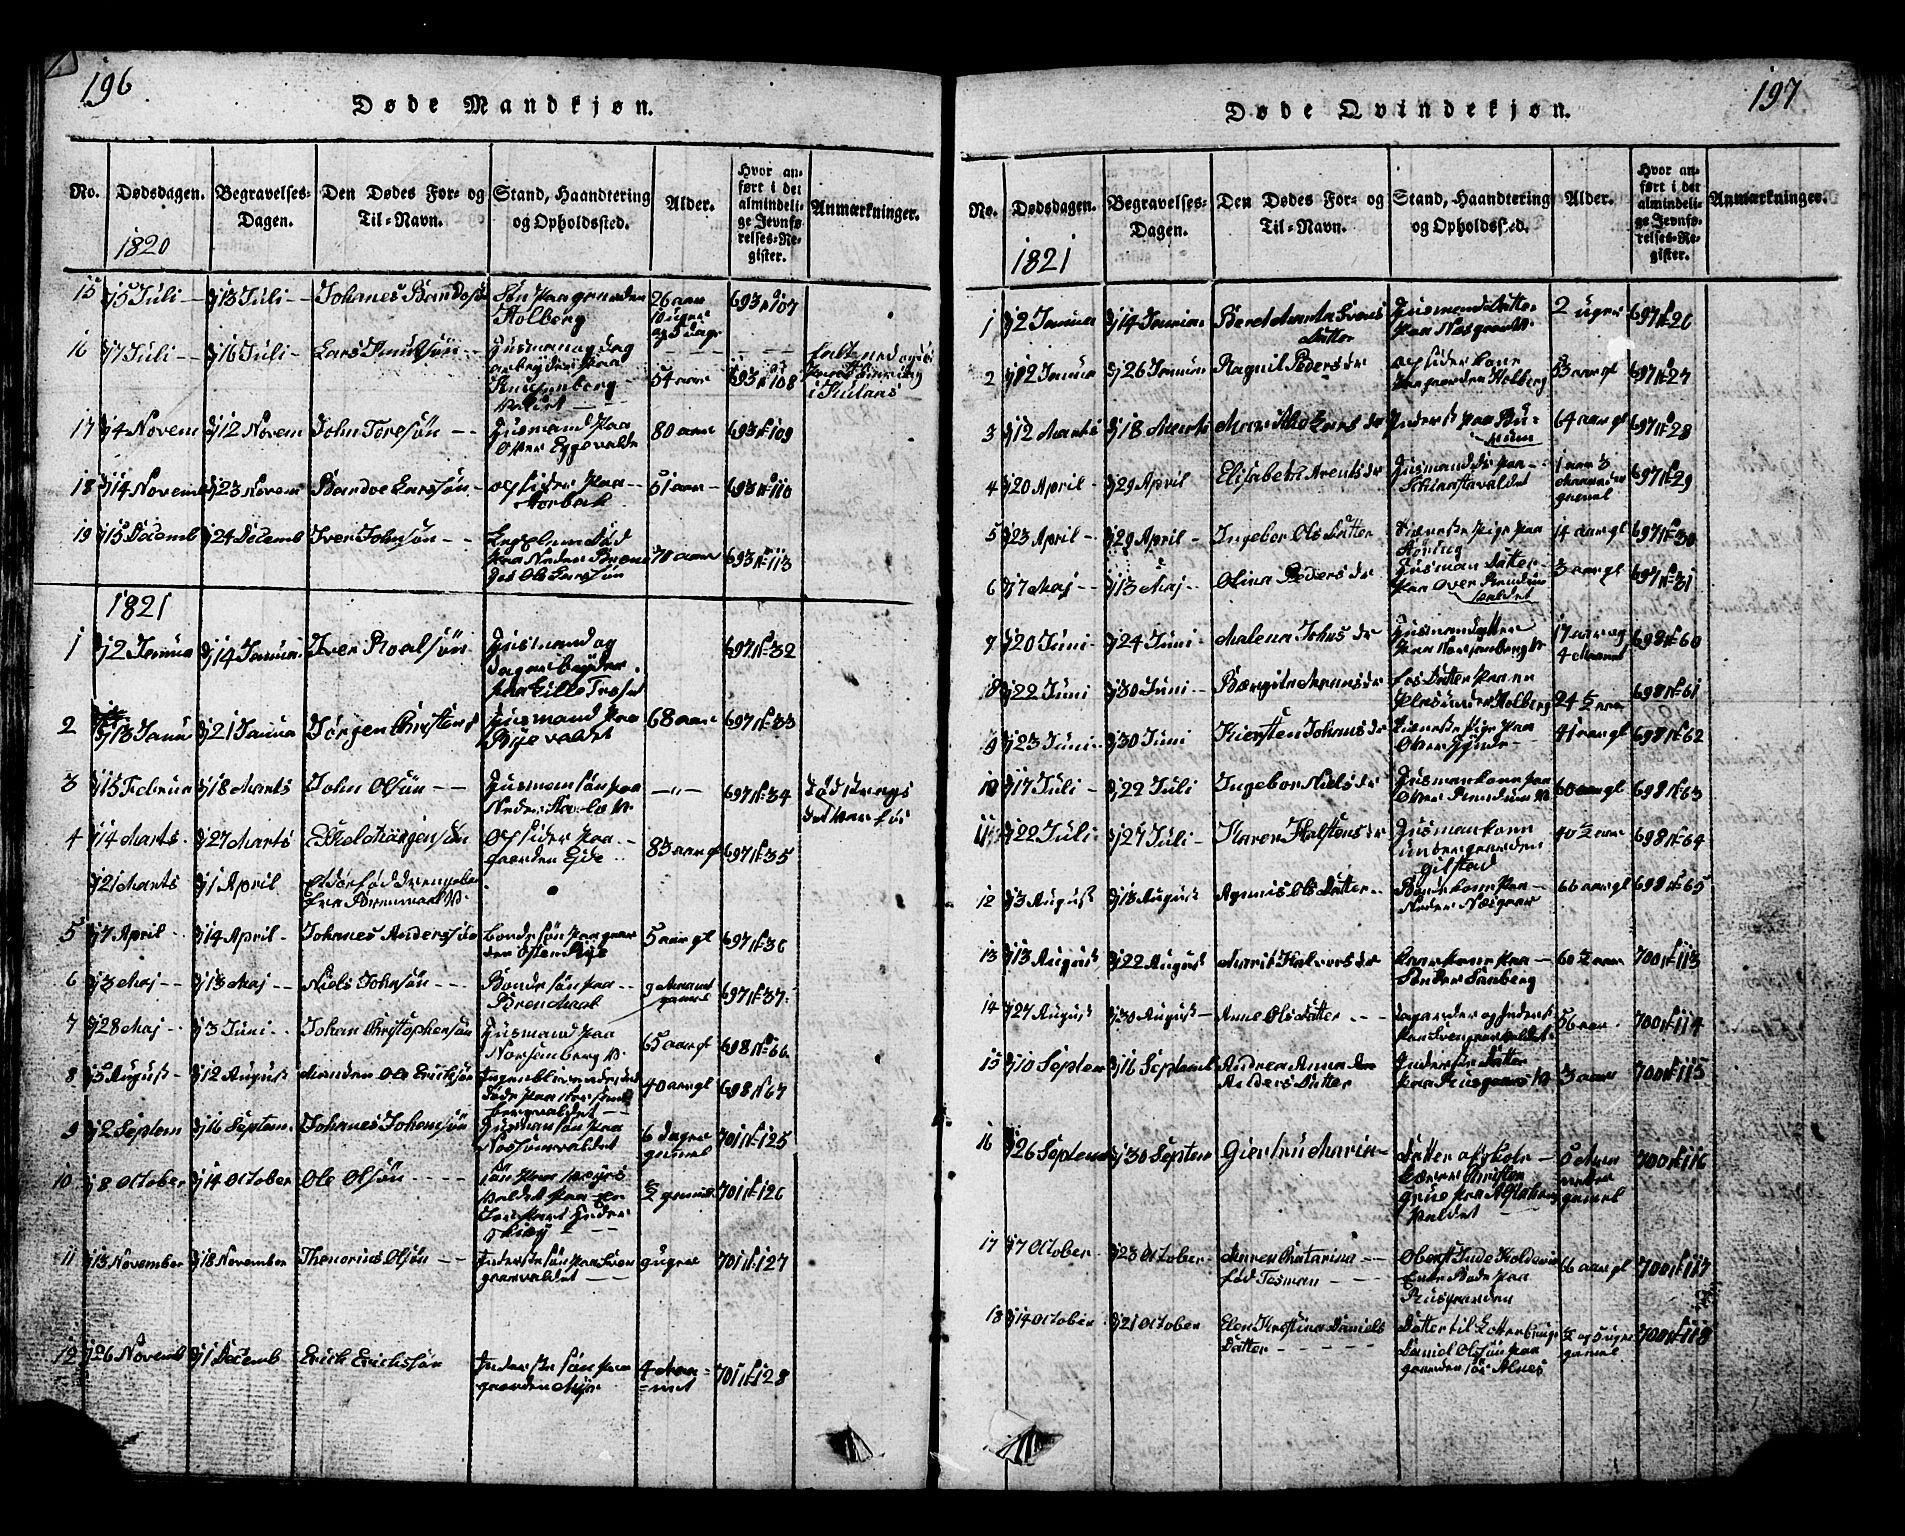 SAT, Ministerialprotokoller, klokkerbøker og fødselsregistre - Nord-Trøndelag, 717/L0169: Klokkerbok nr. 717C01, 1816-1834, s. 196-197